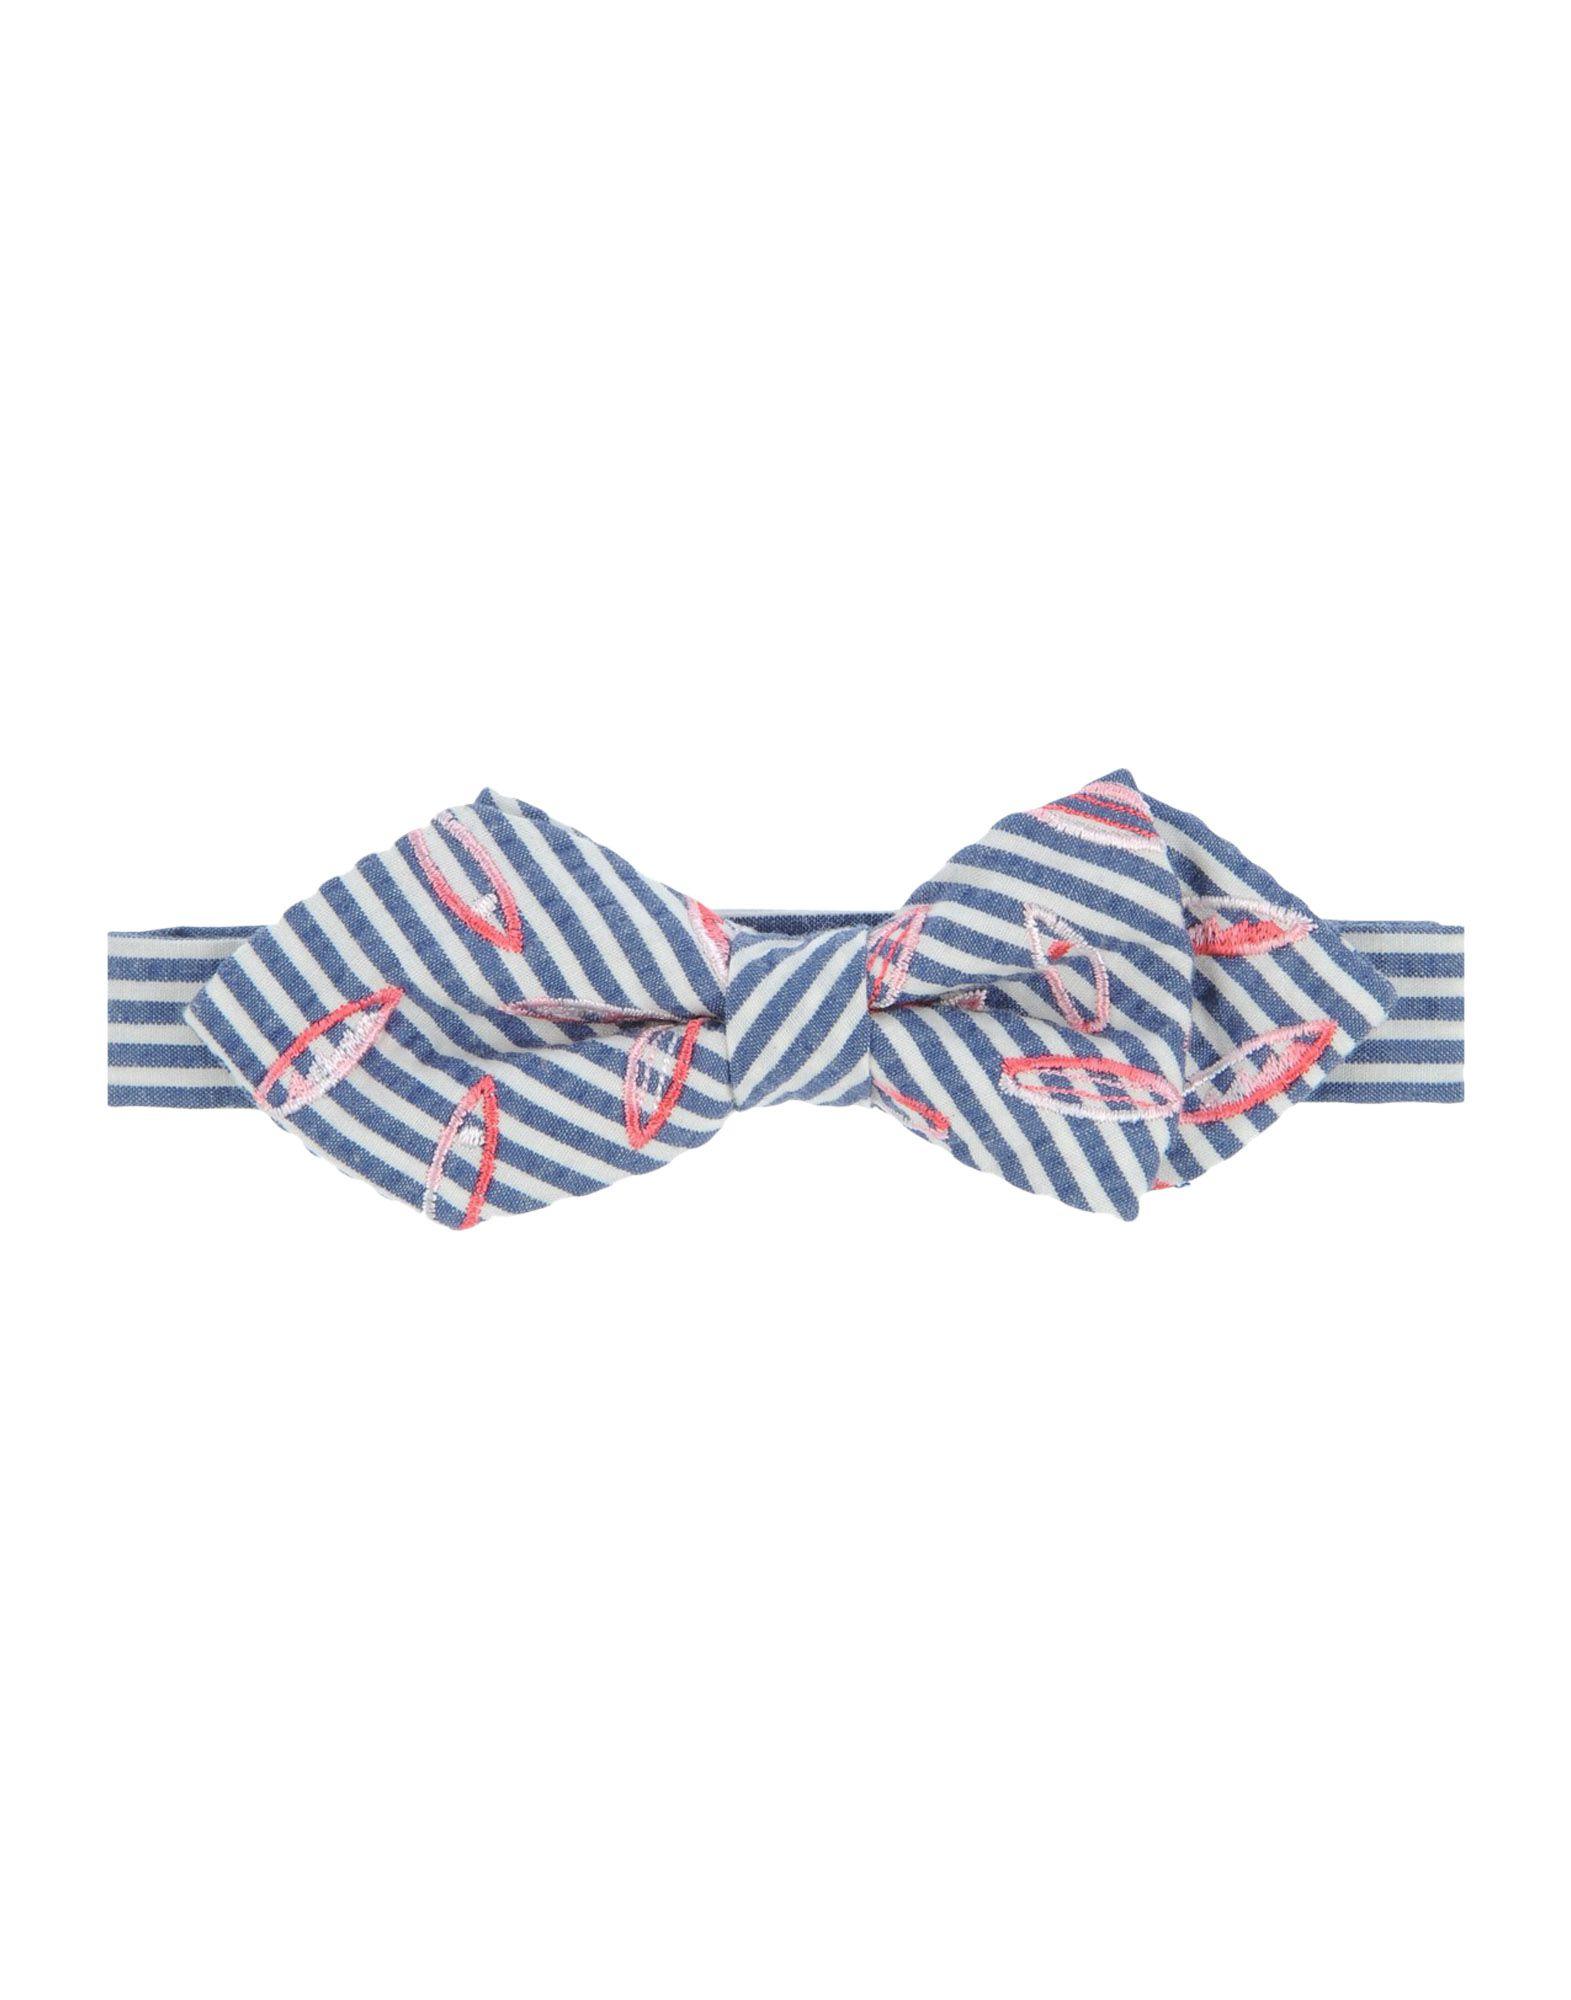 JULIEN DAVID Галстук-бабочка вышивка русский стиль бабочка с пяльцами